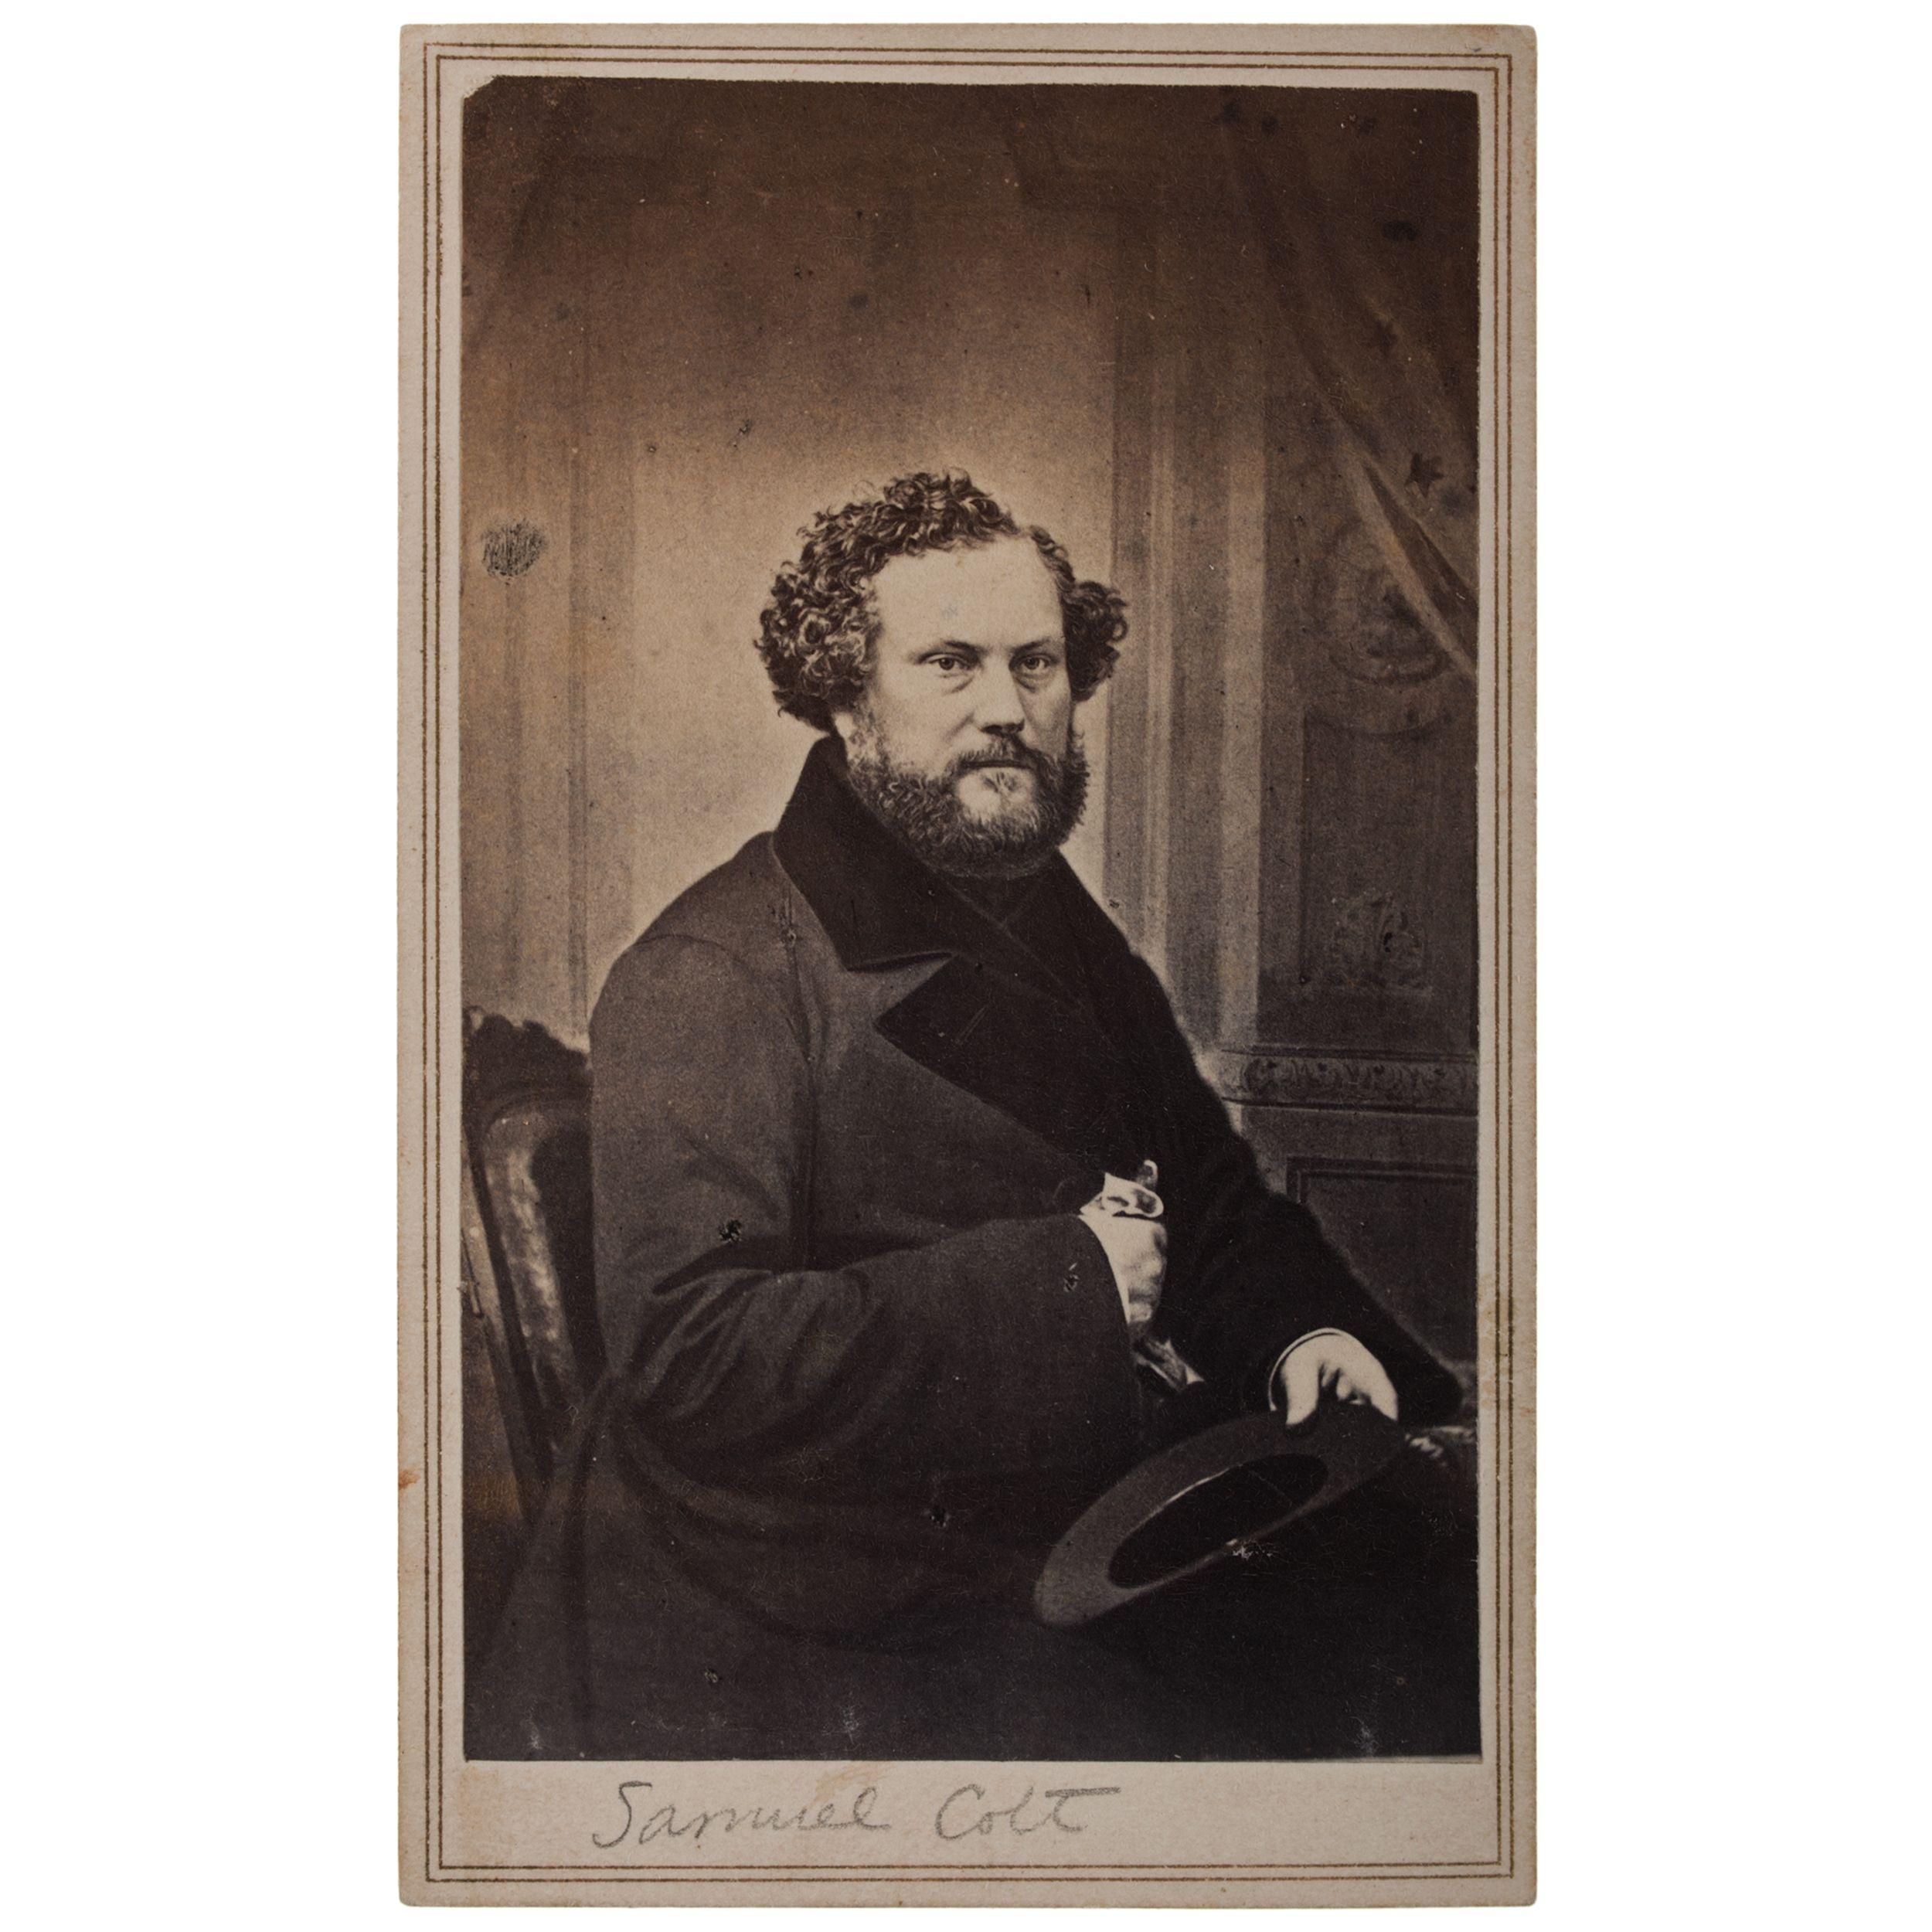 Carte De Visite Of Samuel Colt 1814 1862 Firearms Innovator And Industrialist